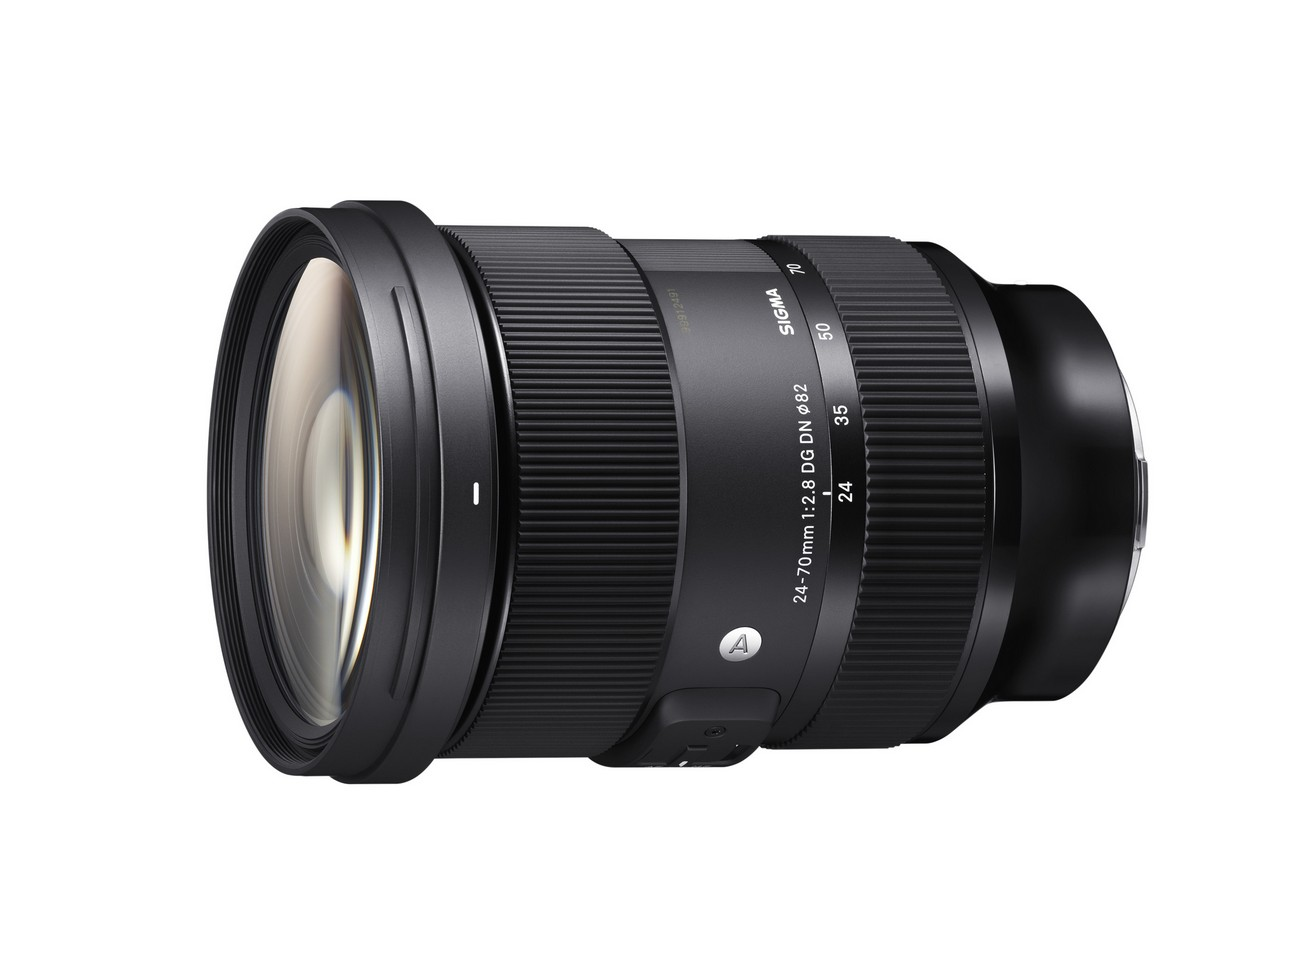 Sigma 24-70mm F2.8 Art DG DN dla bagnetu Sony E sprawdzona przez Spider's Web